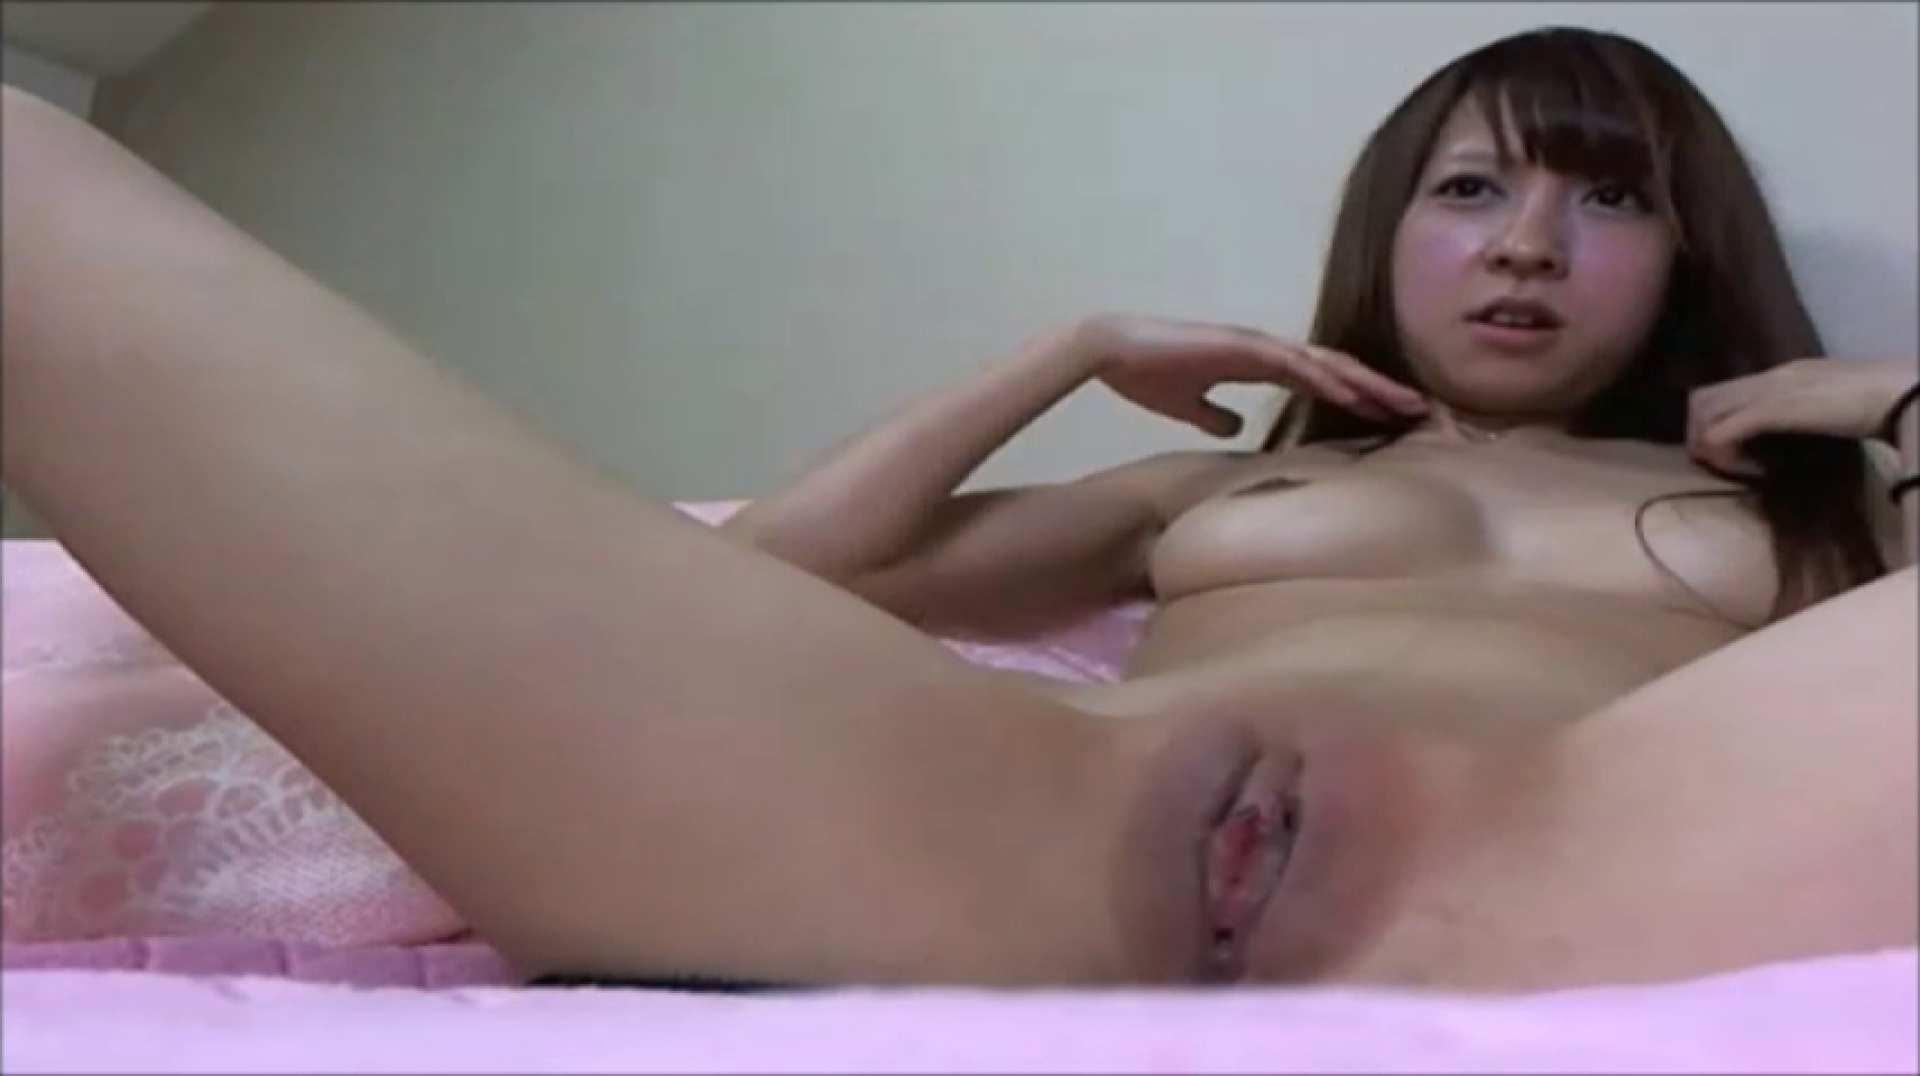 ガチンコ!!激カワギャル限定個人ハメ撮りセフレ編Vol.27 ギャル | 巨乳デカ乳  63画像 45